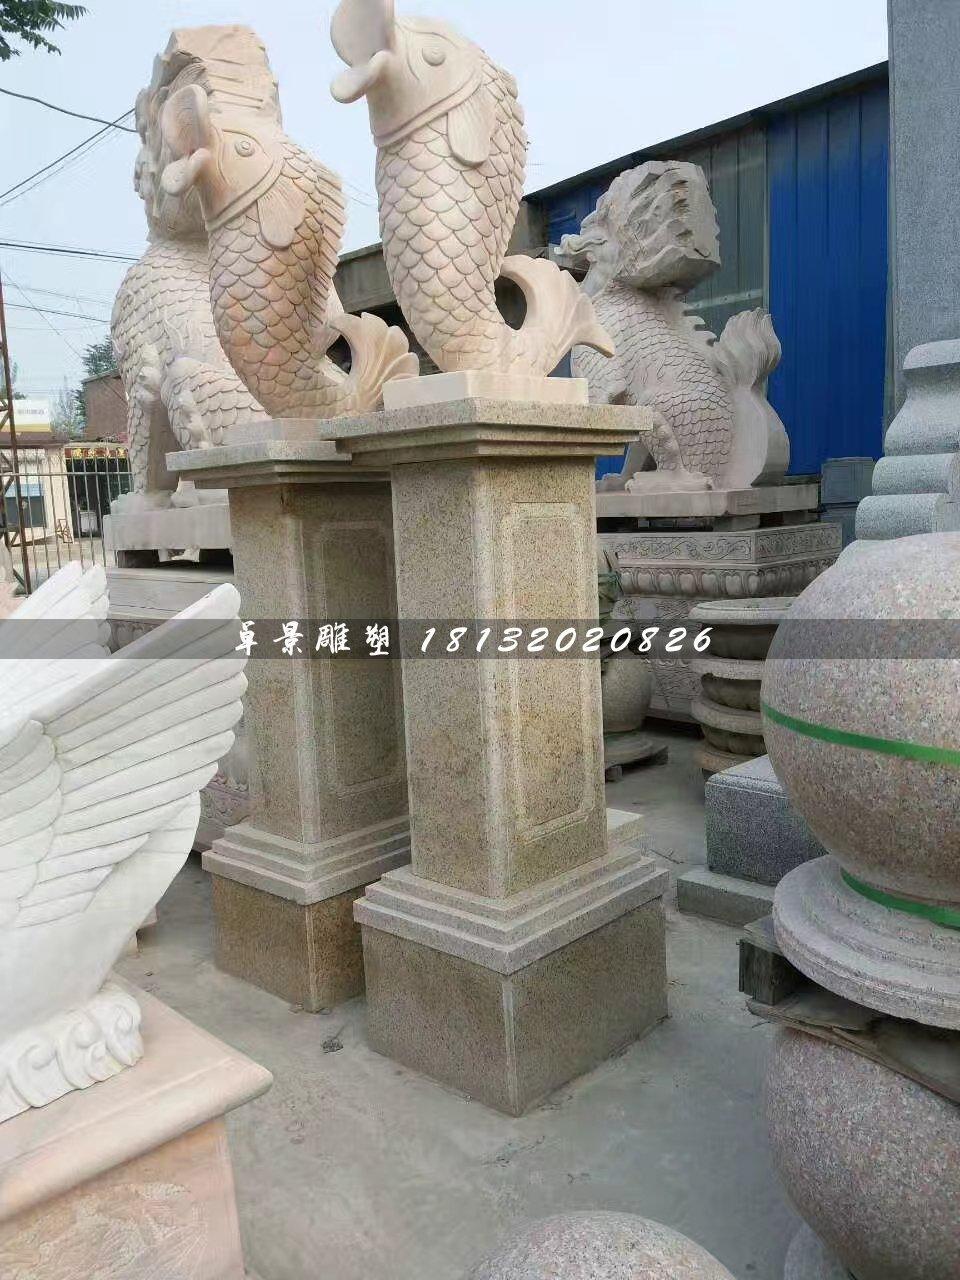 石雕鱼,晚霞红动物雕塑